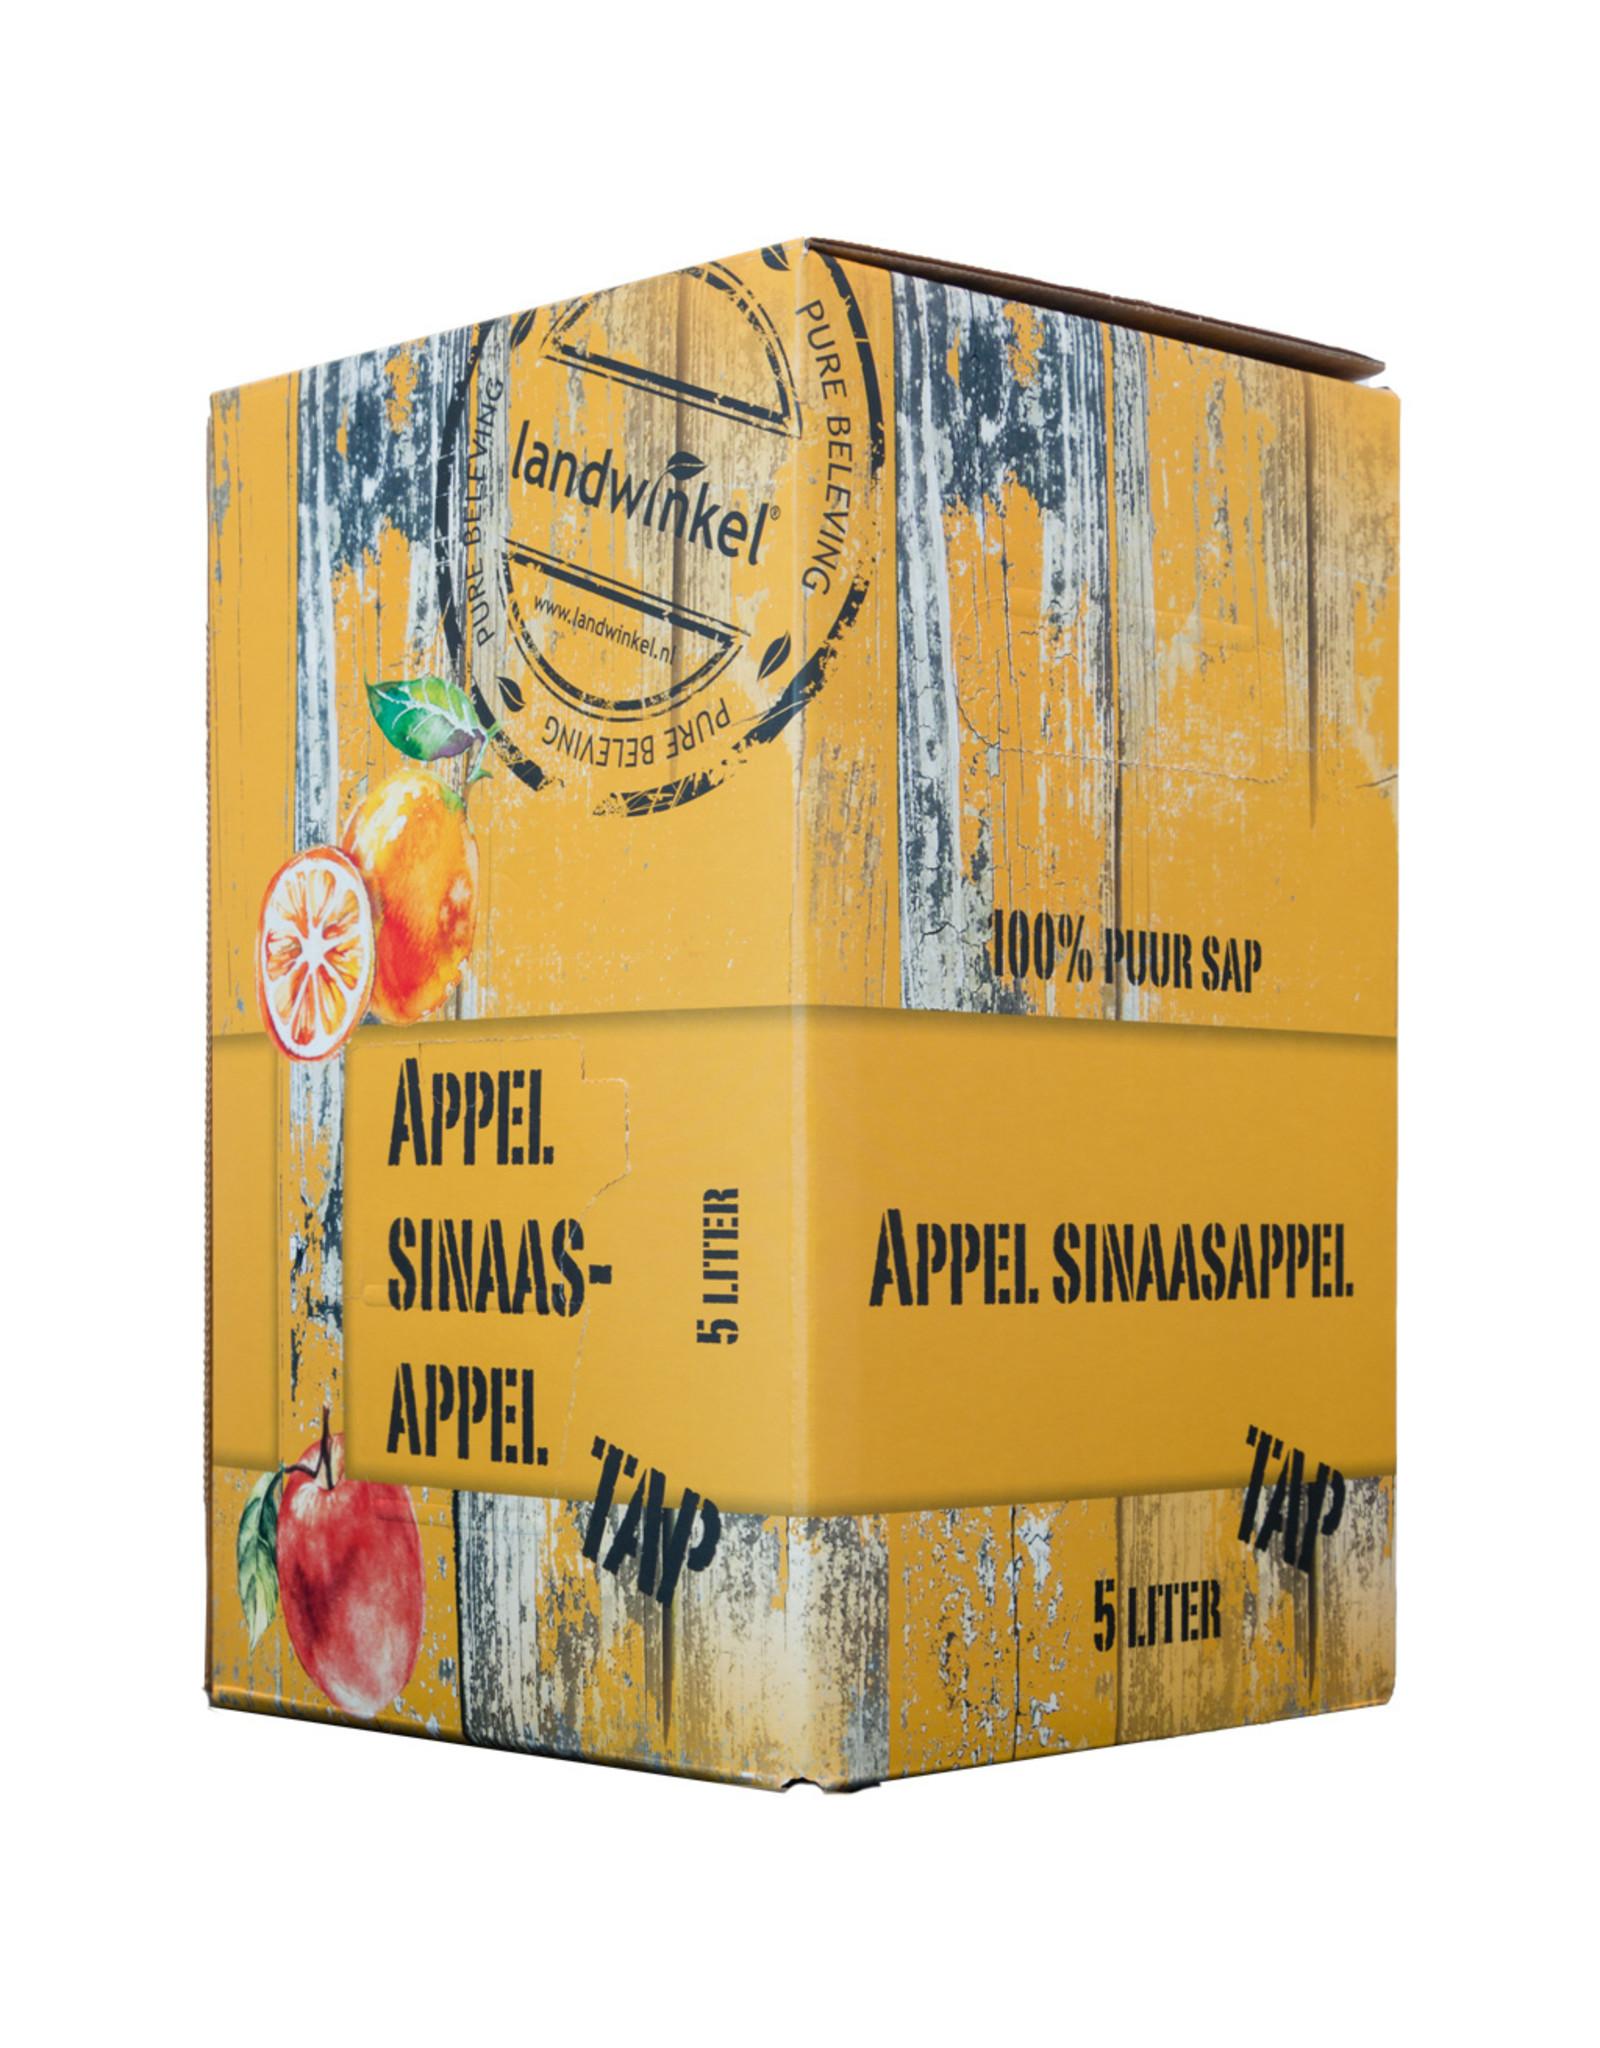 Landwinkel Appeltap sap appel sinaasappel  5 ltr